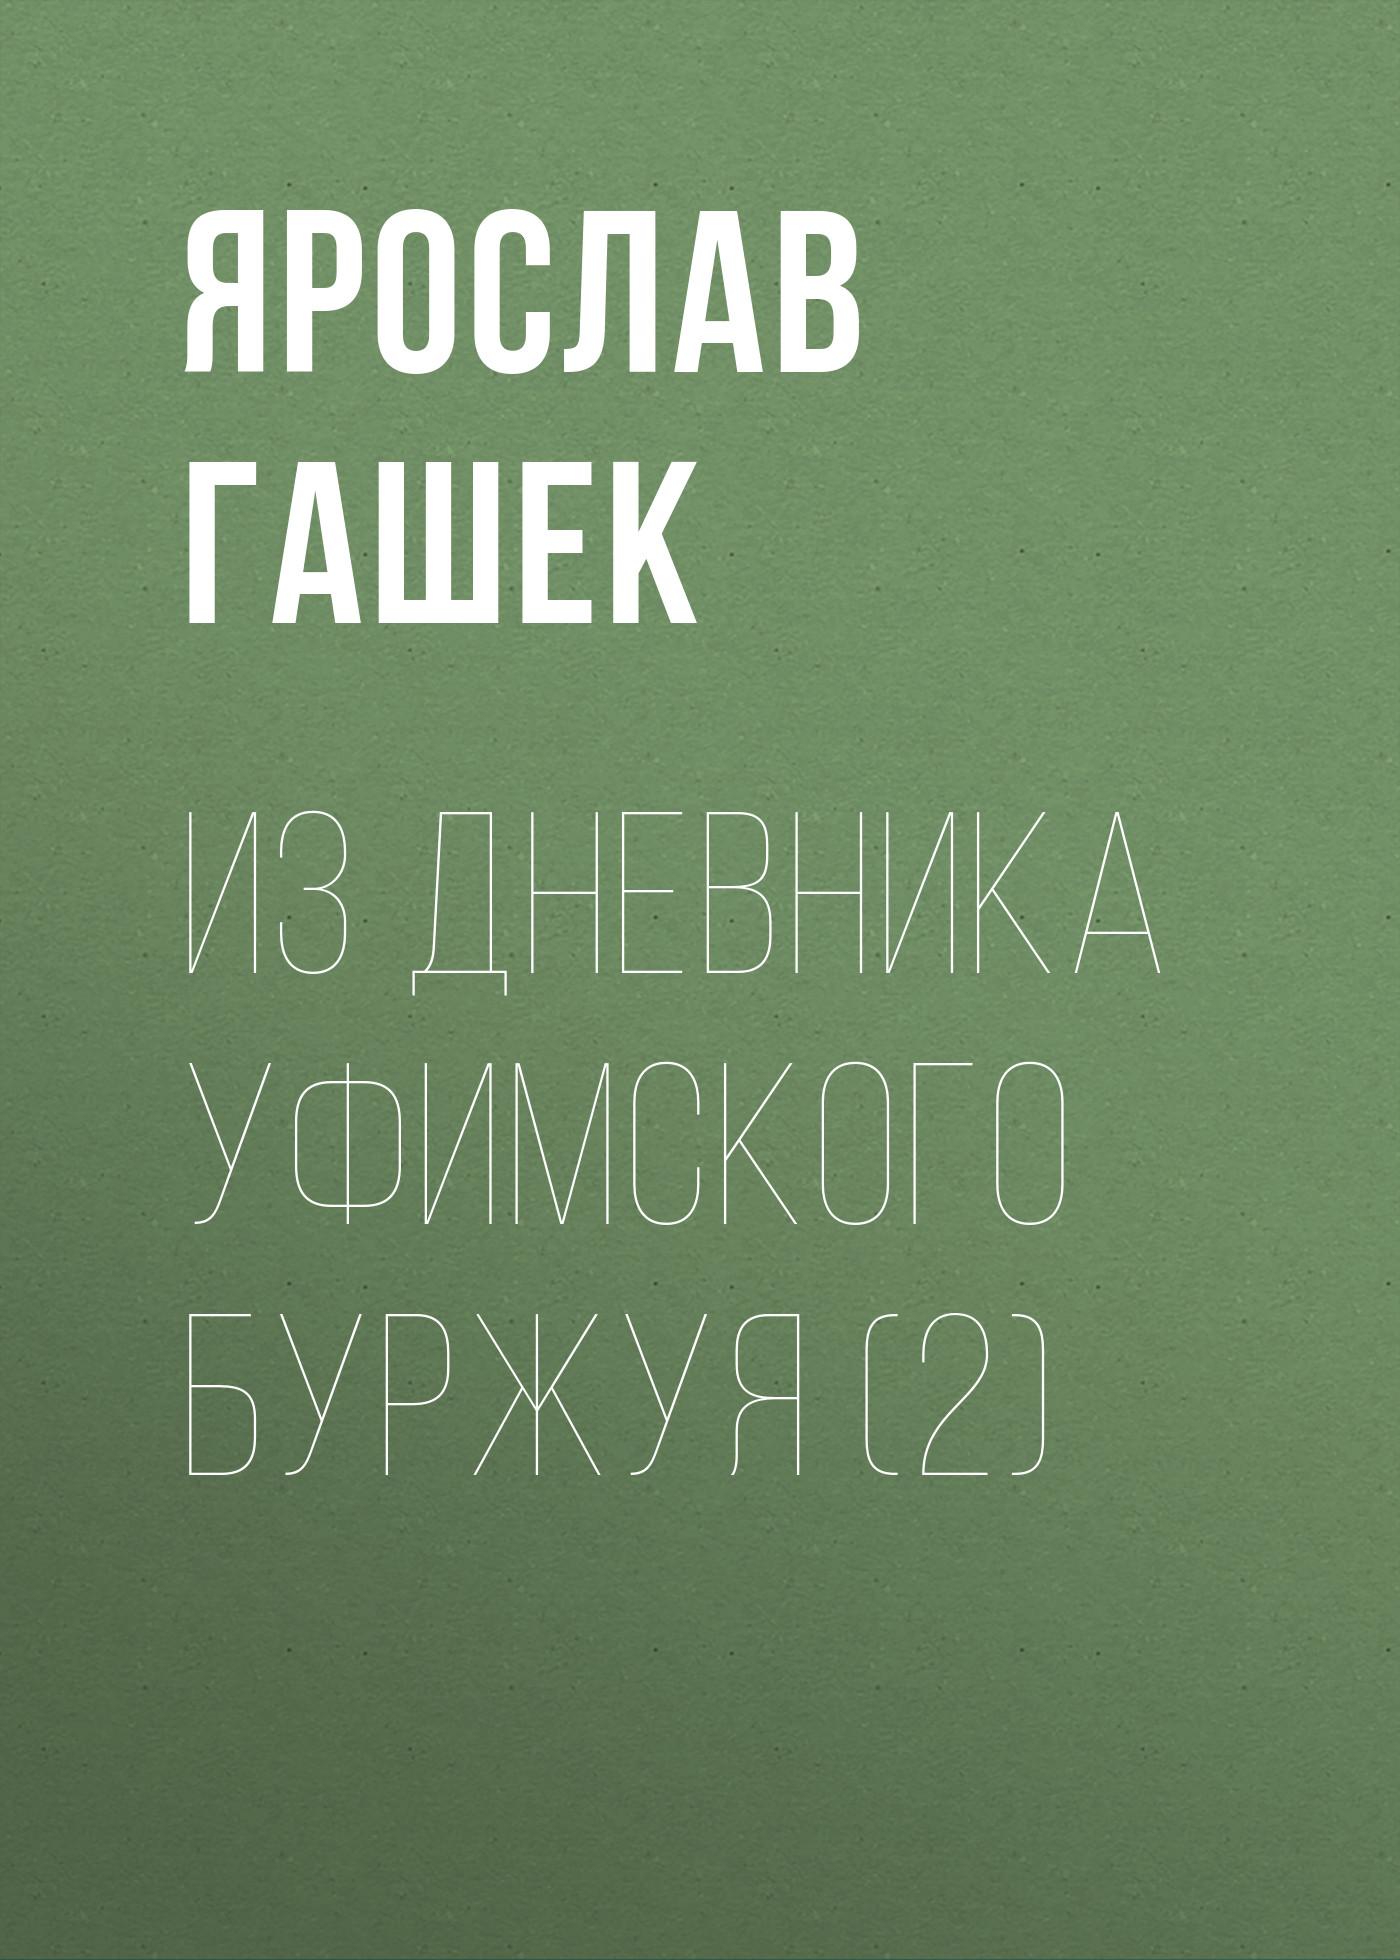 iz dnevnika ufimskogo burzhuya 2